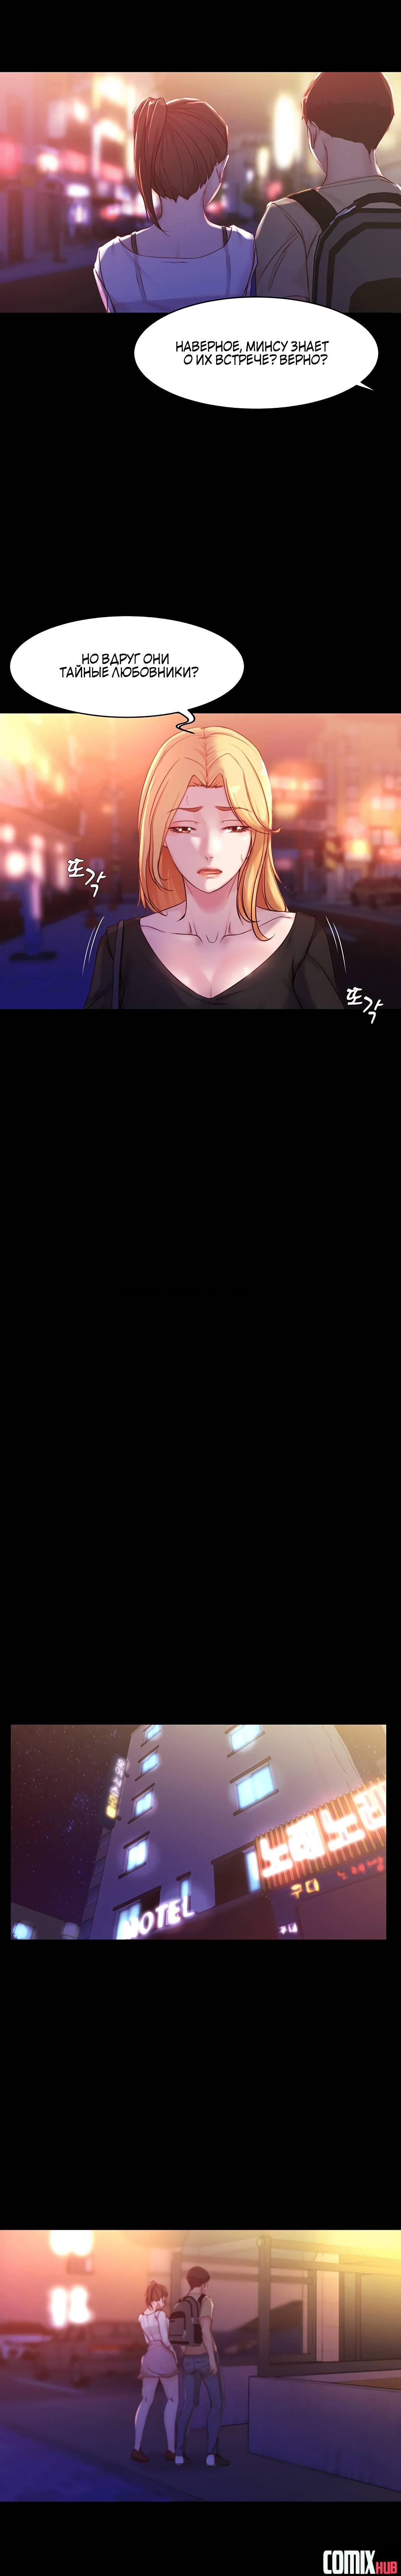 Манхва Тетрадь по трусикам, часть 25 Хентай манга, манхва, Большая грудь, Измена